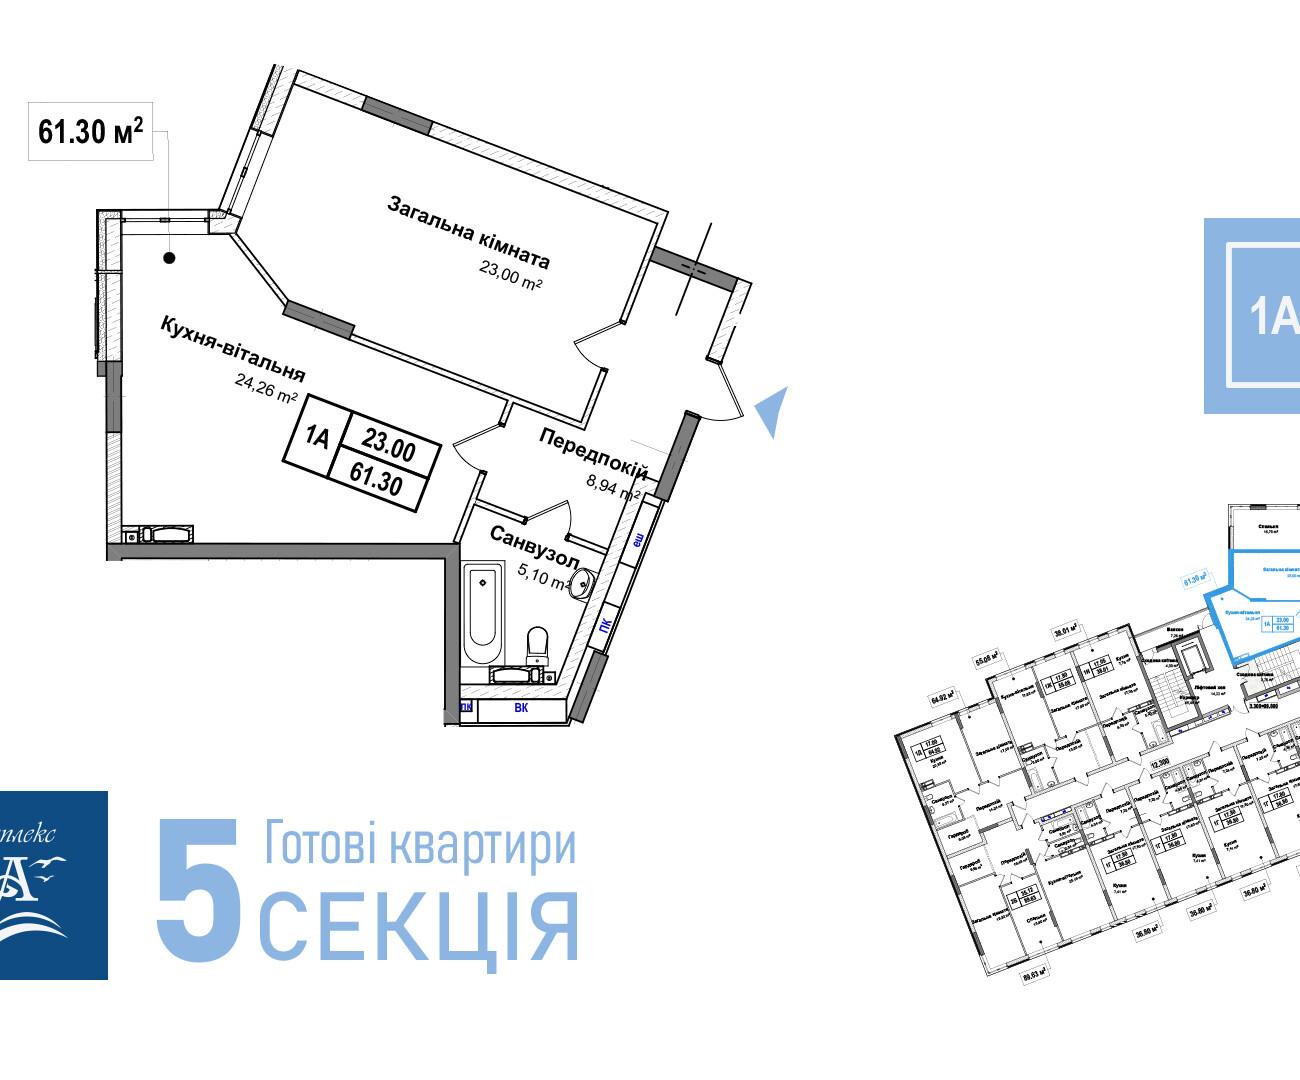 Секція 5 однокімнатна квартира 1А 61,30 м²